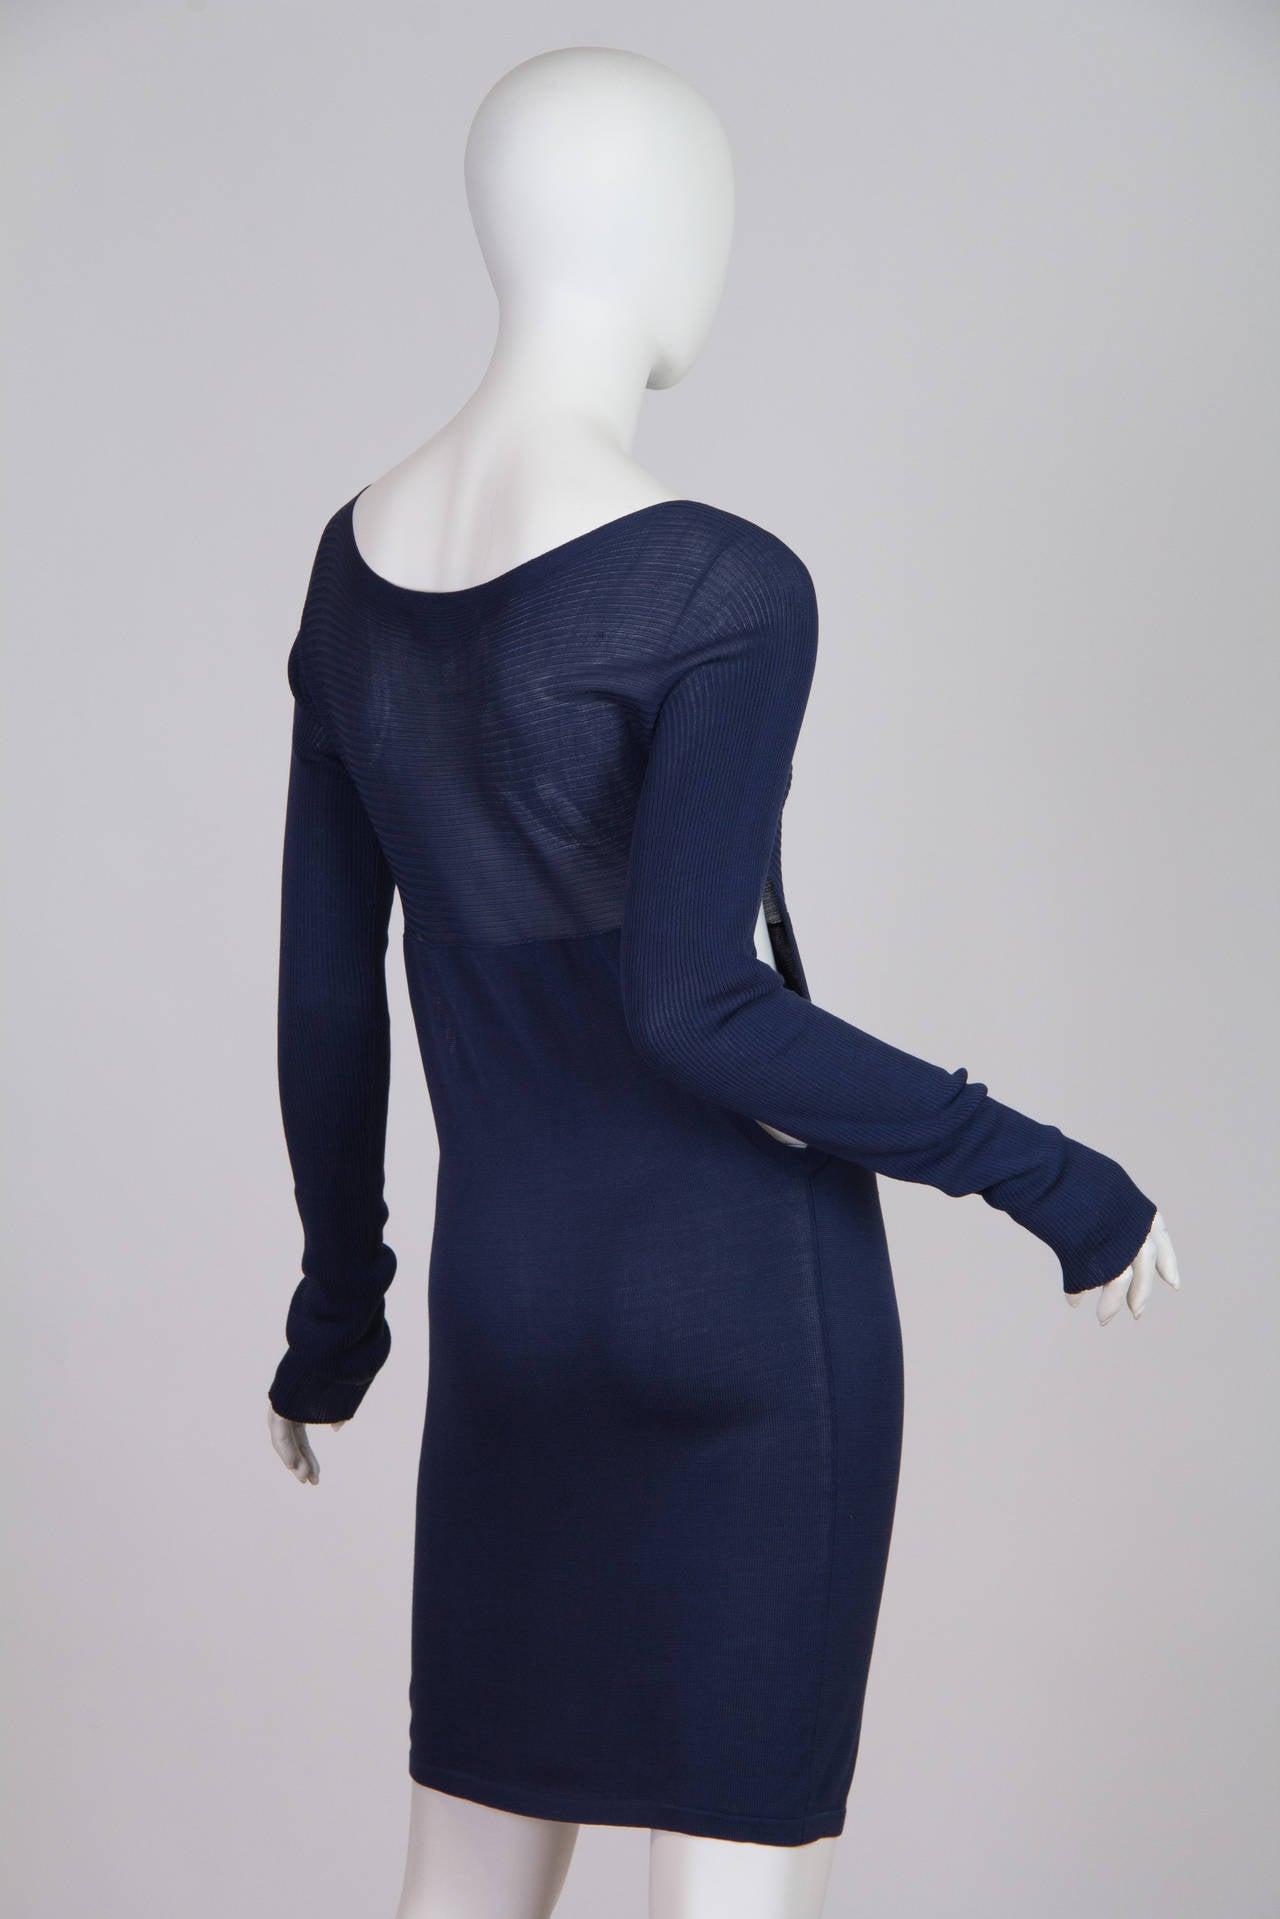 Yohji Yamamoto Side Cut-Out Dress 3